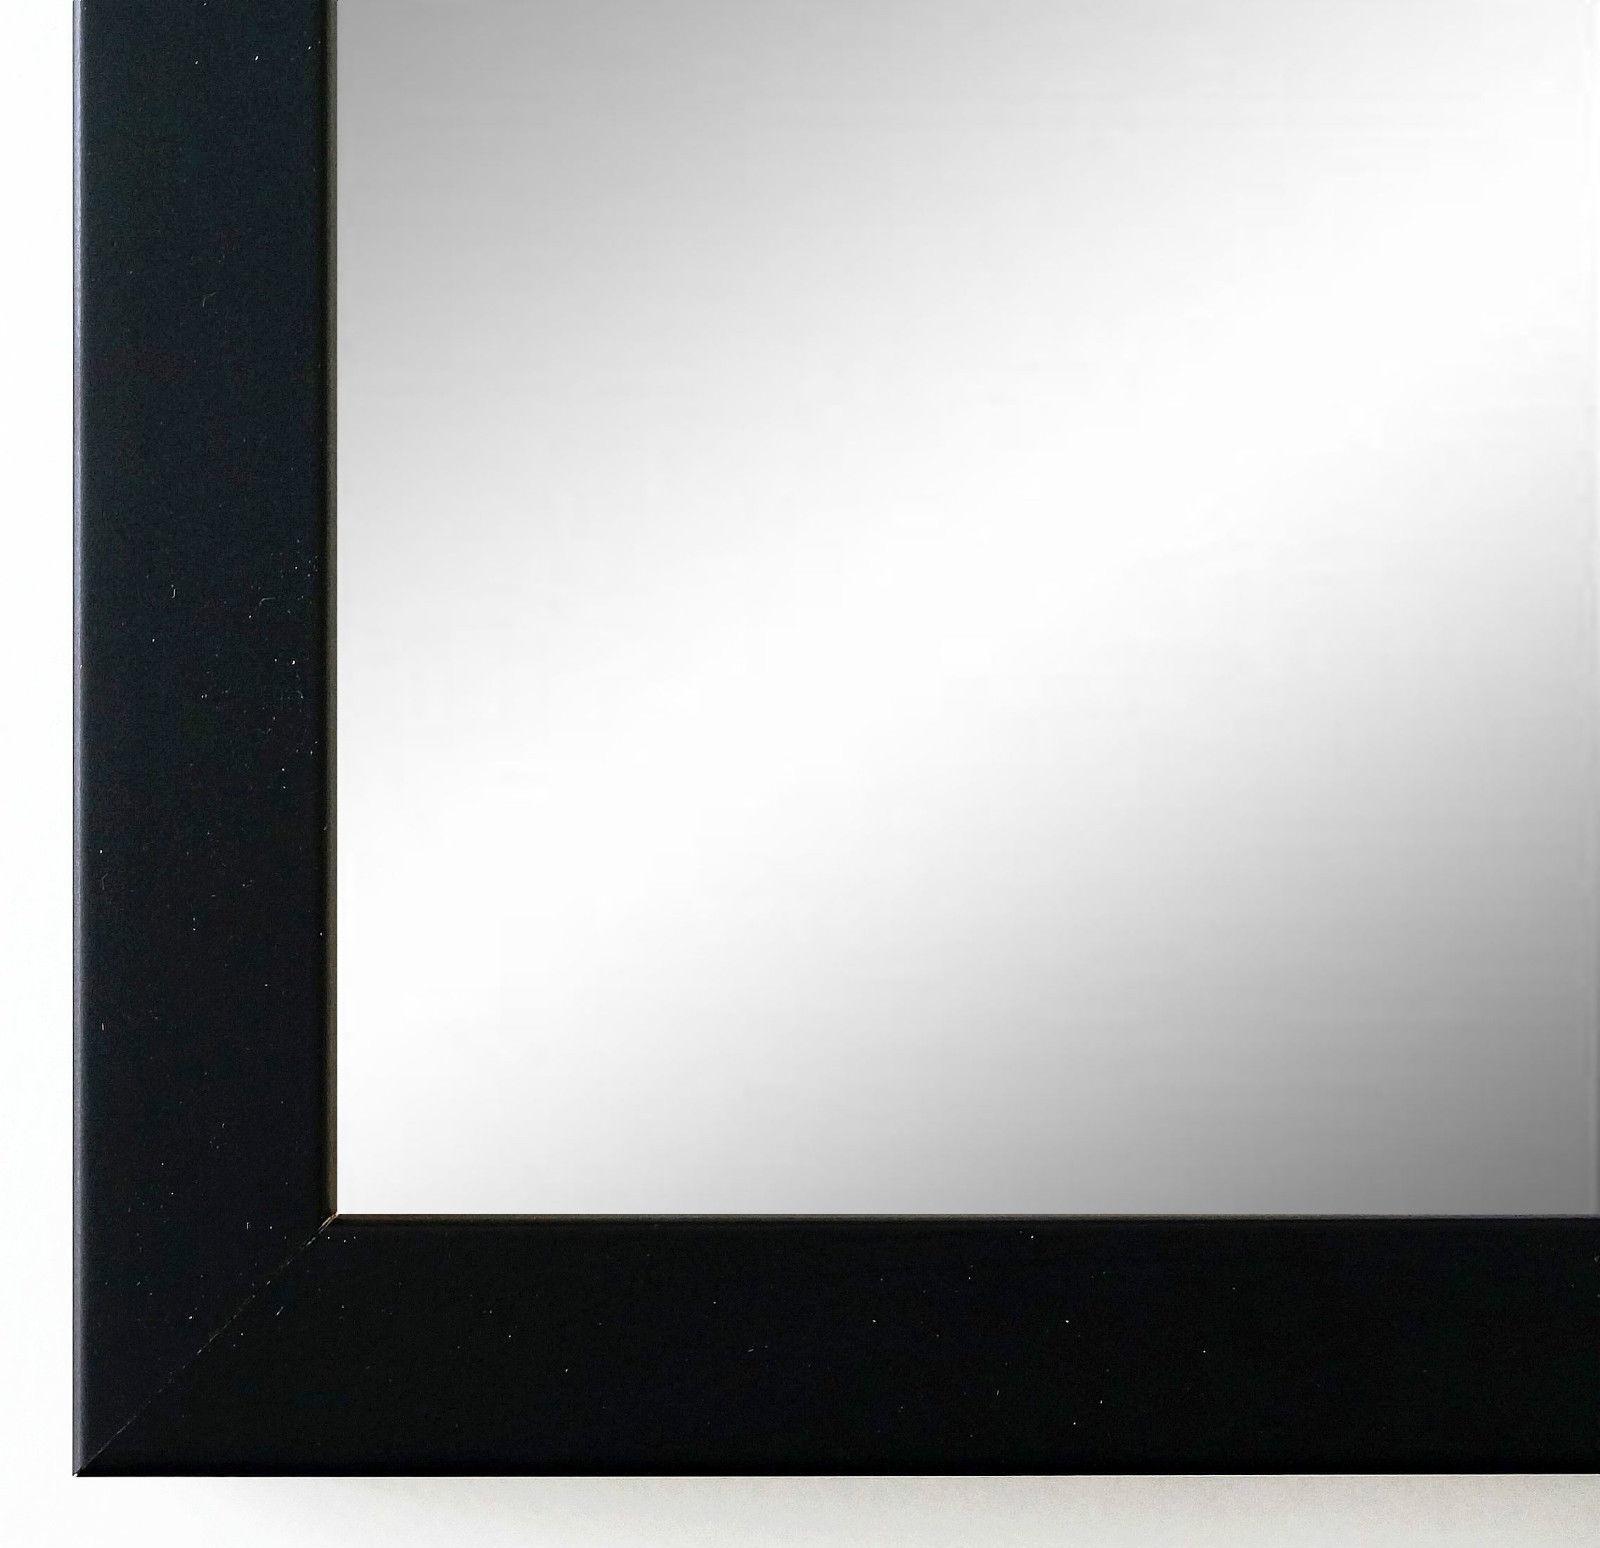 Spiegel Wandspiegel Badspiegel Flur Garderobe Modern Vintage Como